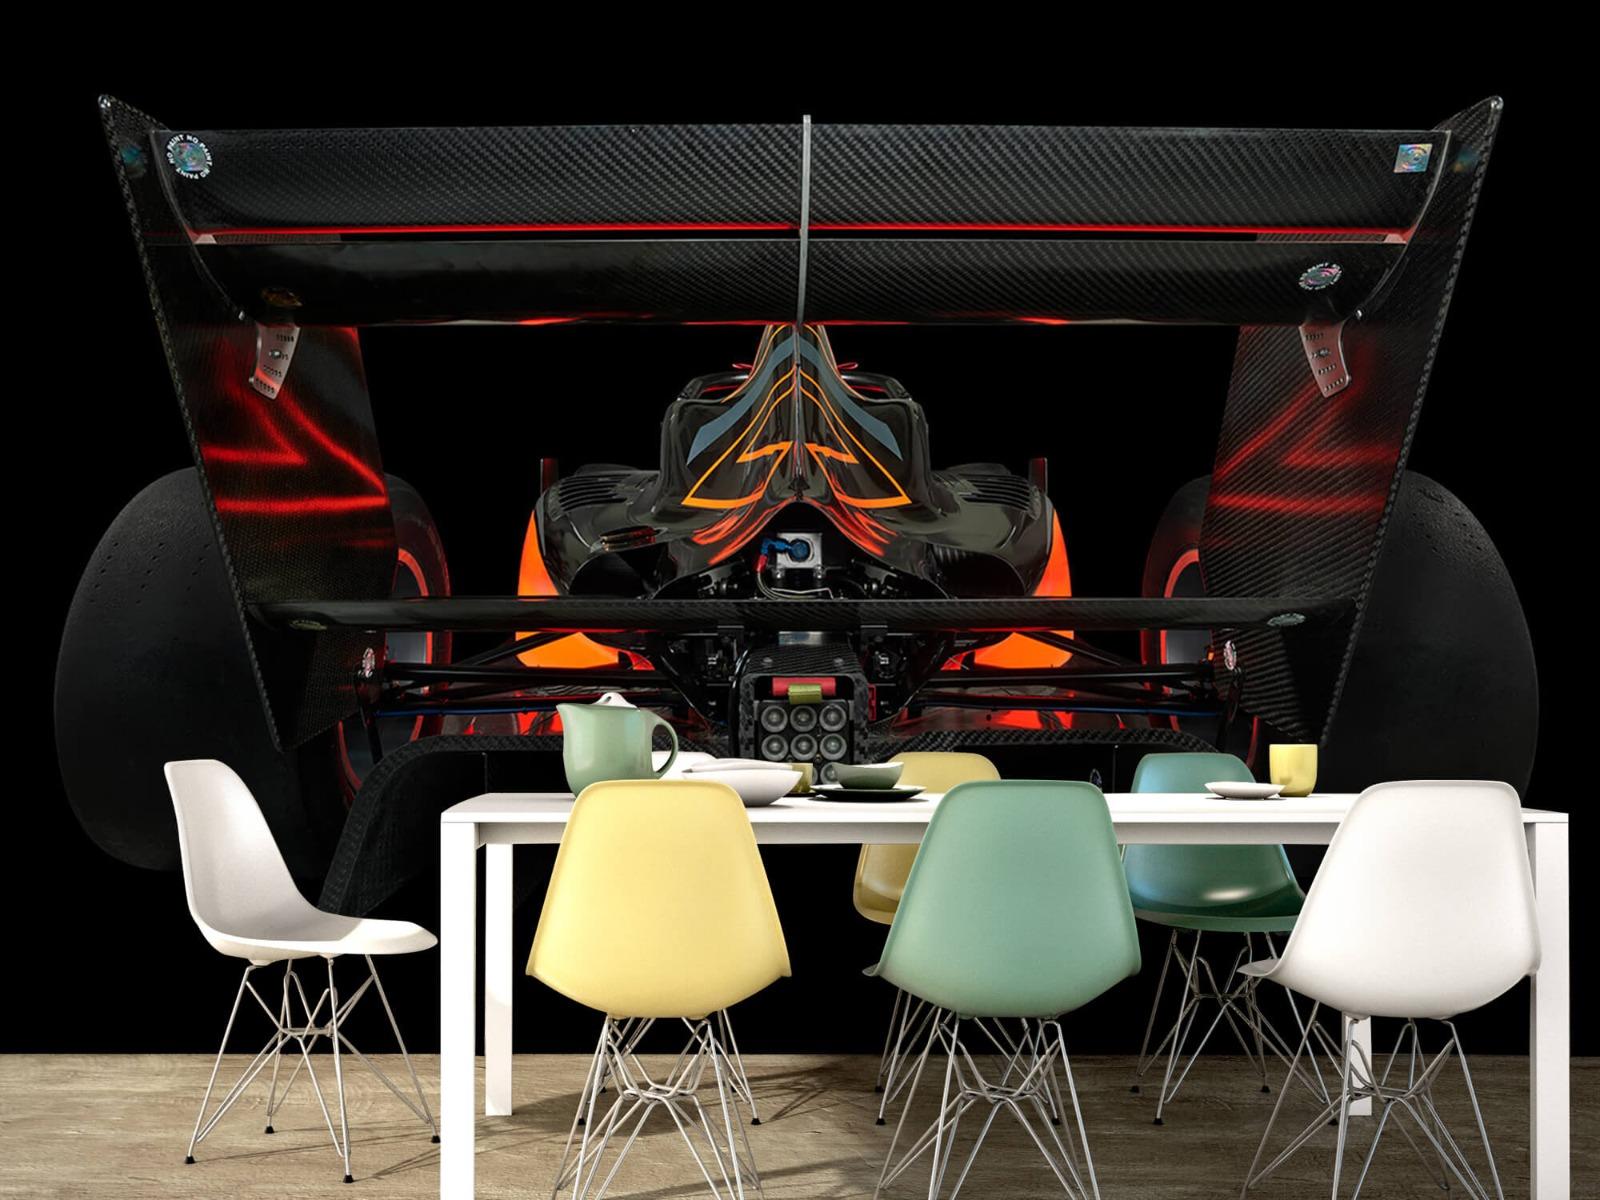 Sportauto's - Formule 3 - Lower rear view - dark - Garage 14